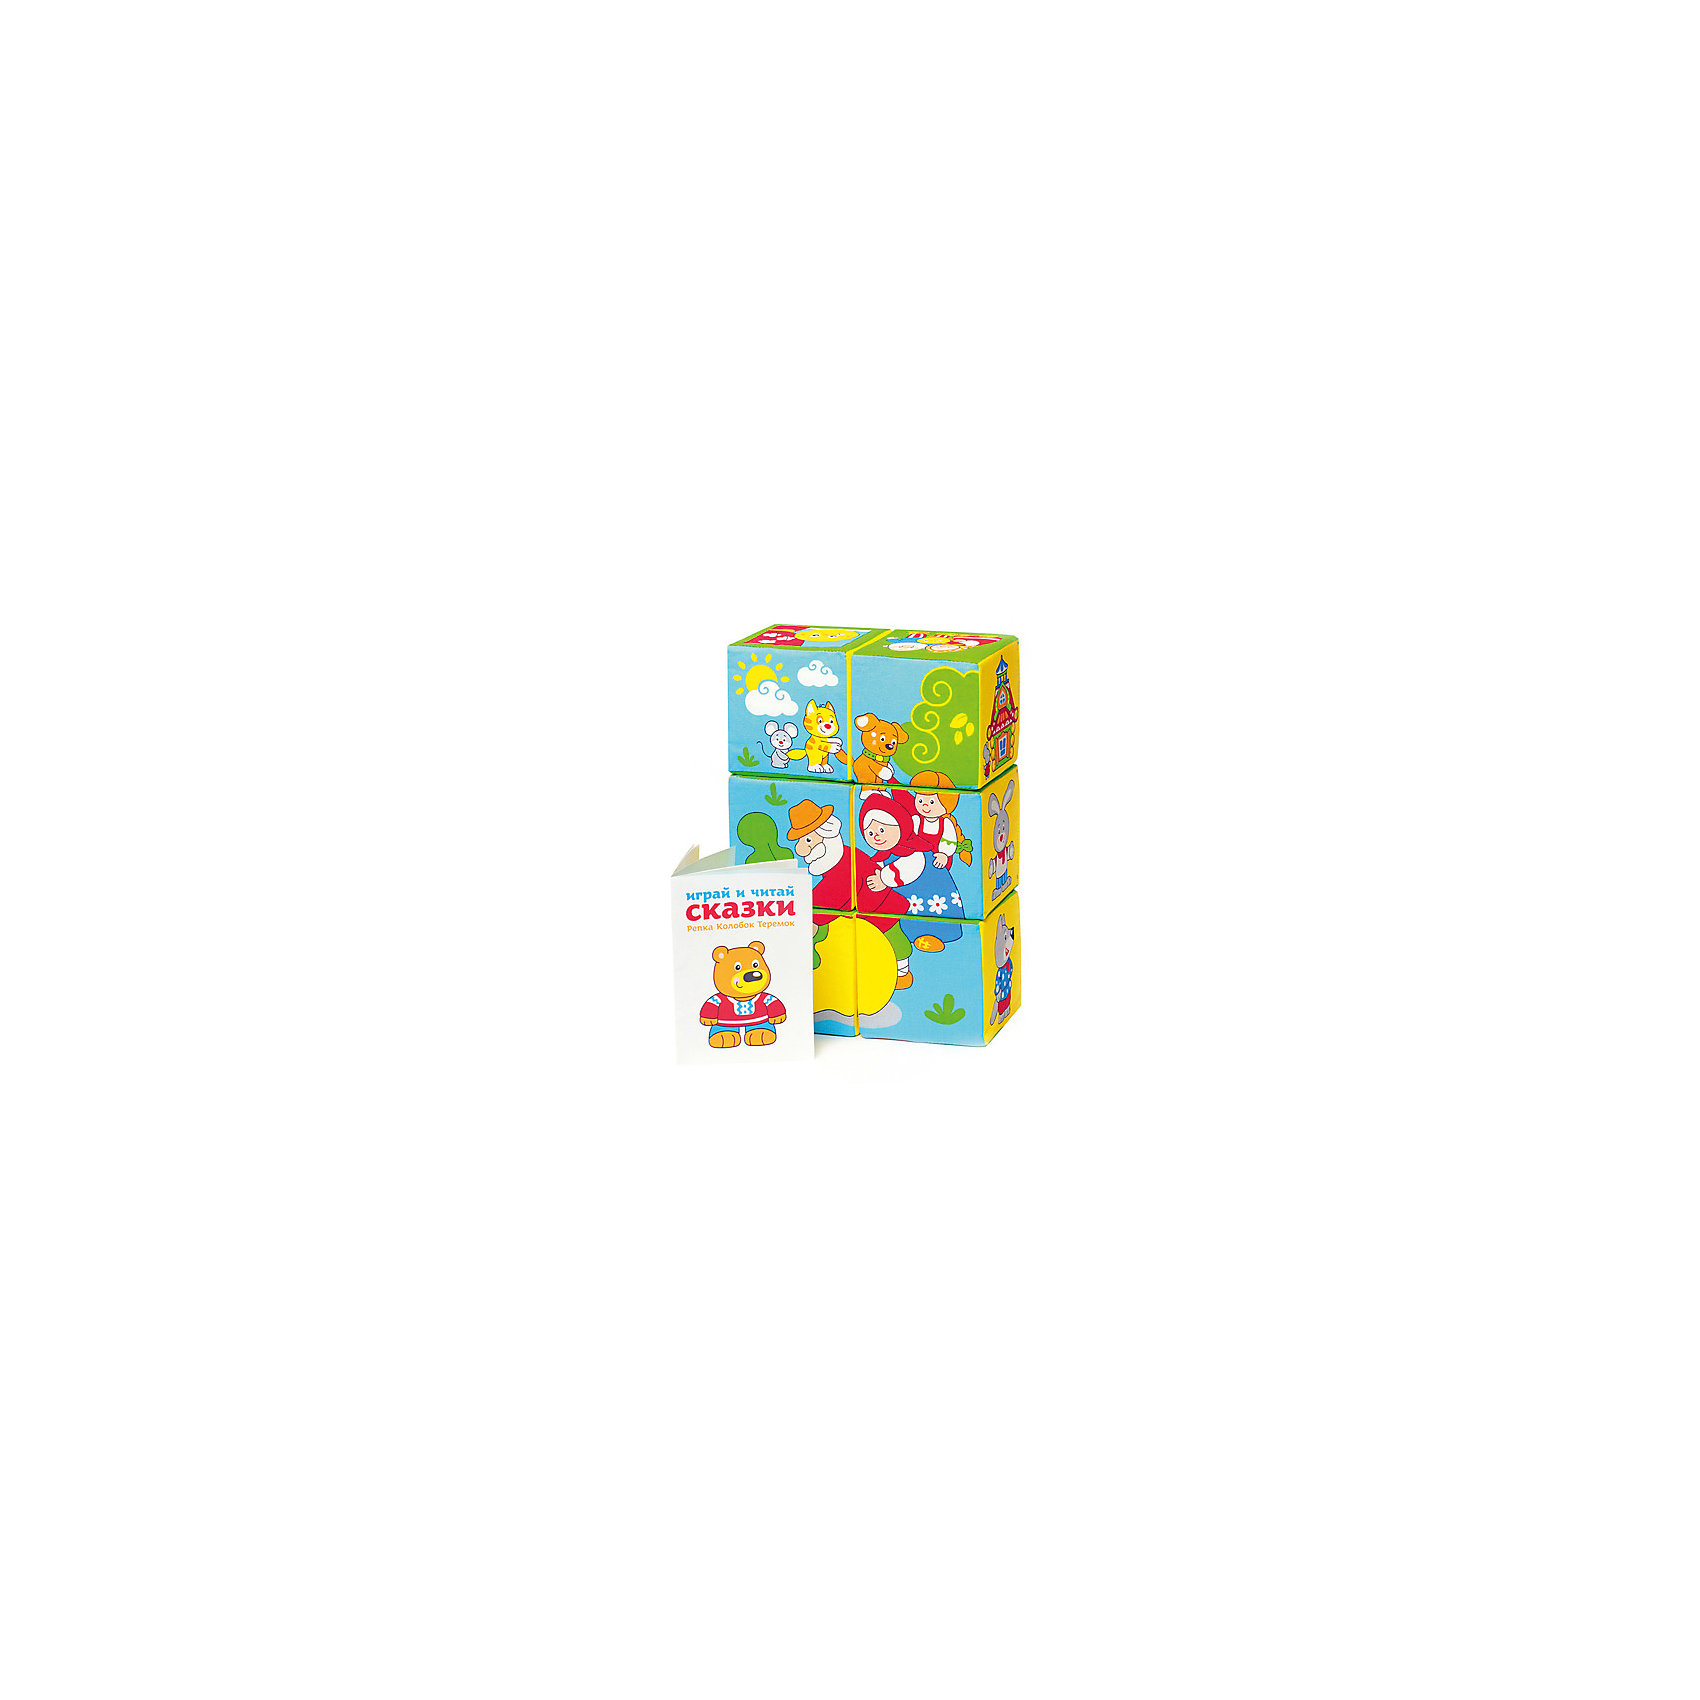 Кубики Сказка, МякишиМягкие игрушки<br>Характеристики товара:<br><br>• материал: хлопок, поролон<br>• комплектация: 6 шт<br>• размер кубика: 10 х 10 х 10 см<br>• размер упаковки: 31 x 23 x 11 см<br>• развивающая игрушка<br>• упаковка: пакет<br>• вес: 195 г<br>• страна бренда: РФ<br>• страна изготовитель: РФ<br><br><br>Малыши активно познают мир и тянутся к новой информации. Чтобы сделать процесс изучения окружающего пространства интереснее, ребенку можно подарить развивающие игрушки. В процессе игры информация усваивается намного лучше!<br>Такие кубики помогут занять малыша, играть ими приятно и весело. Одновременно они позволят познакомиться со многими сказками, которые ребенку предстоит узнать. Такие игрушки развивают тактильные ощущения, моторику, цветовосприятие, логику, воображение, учат фокусировать внимание. Каждое изделие абсолютно безопасно – оно создано из качественной ткани с мягким наполнителем. Игрушки производятся из качественных и проверенных материалов, которые безопасны для детей.<br><br>Кубики Сказка от бренда Мякиши можно купить в нашем интернет-магазине.<br><br>Ширина мм: 200<br>Глубина мм: 100<br>Высота мм: 300<br>Вес г: 80<br>Возраст от месяцев: 12<br>Возраст до месяцев: 36<br>Пол: Унисекс<br>Возраст: Детский<br>SKU: 5183158